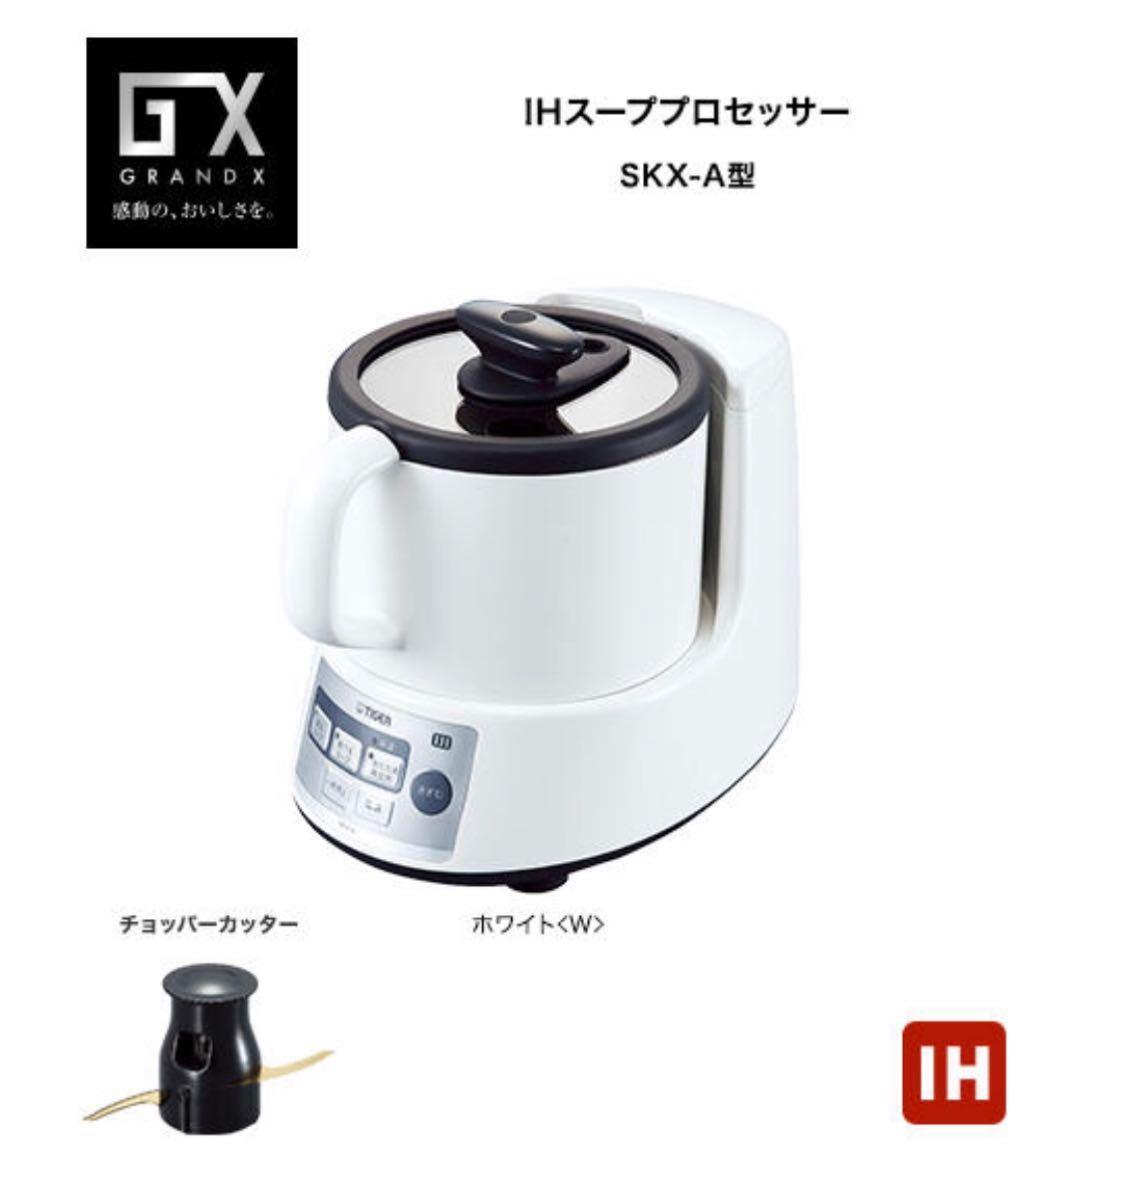 タイガー IHスーププロセッサー SKX-A 美品